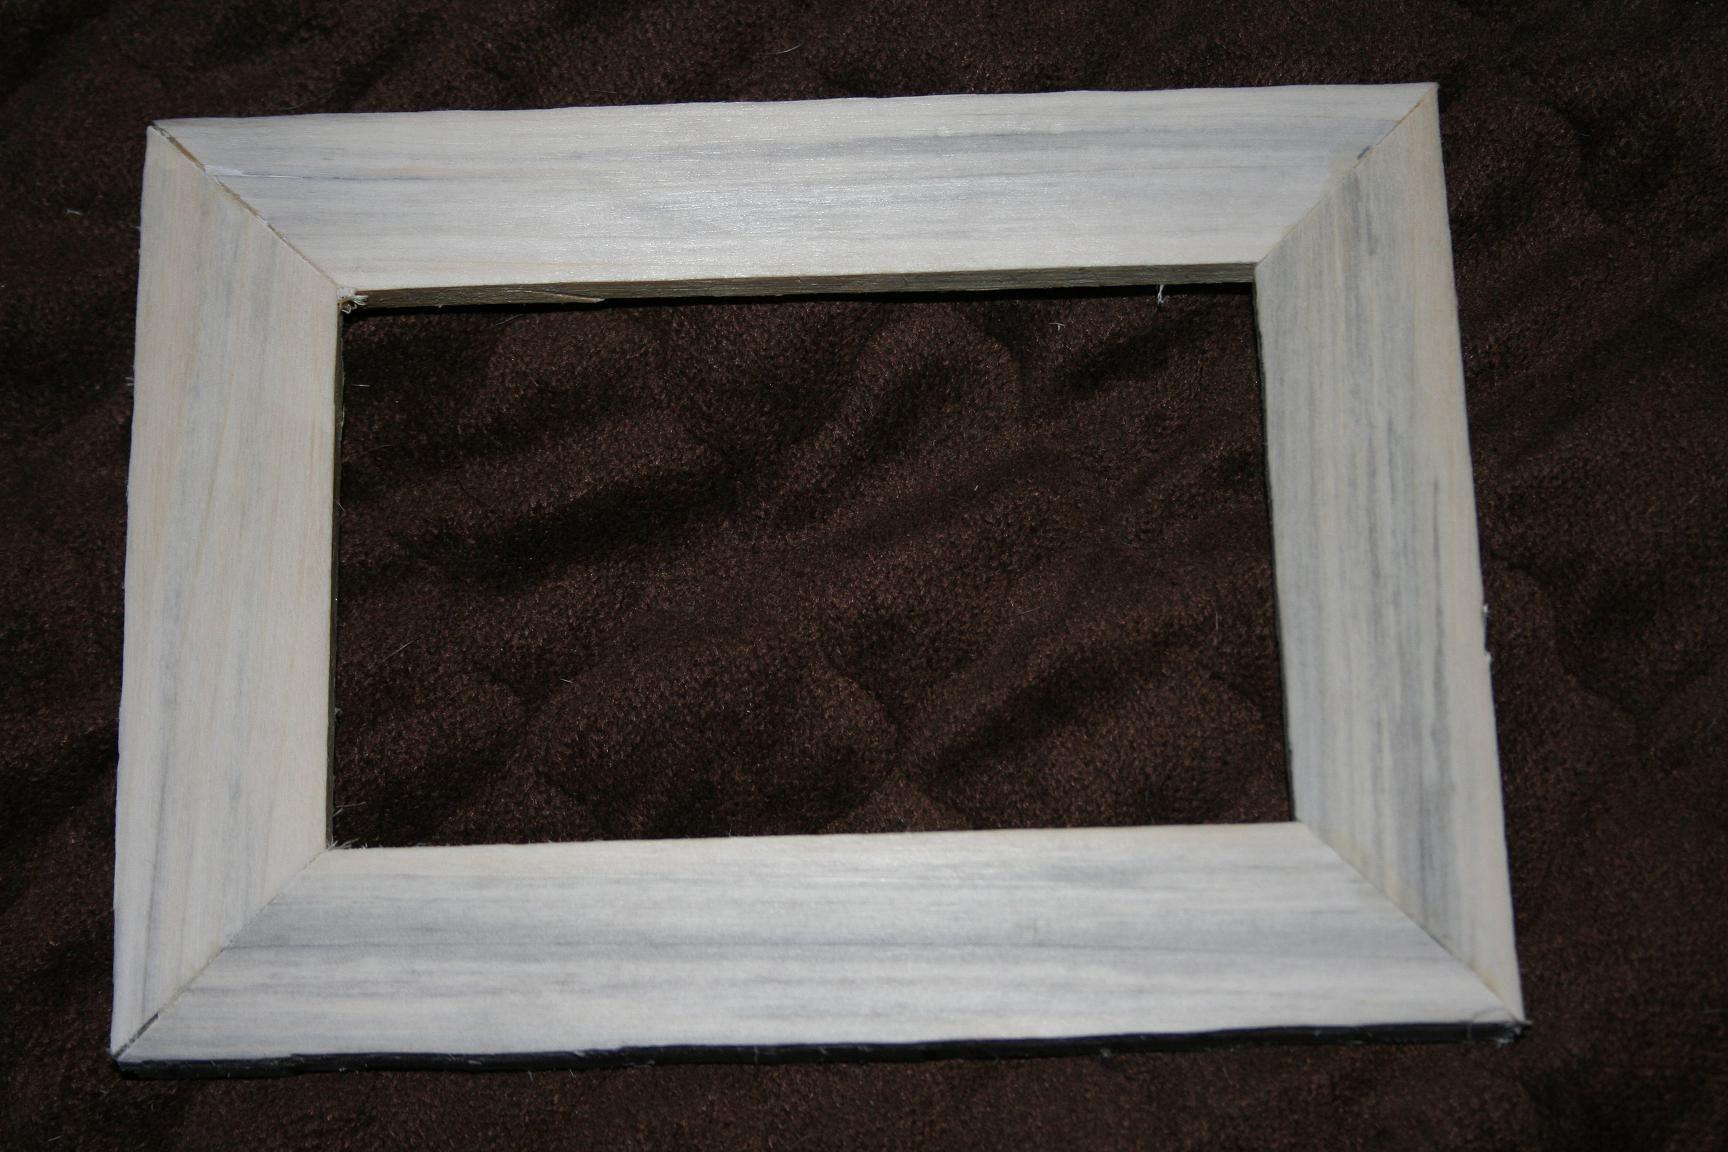 Gemütlich 4 X 5 Picture Frame Bilder - Benutzerdefinierte ...